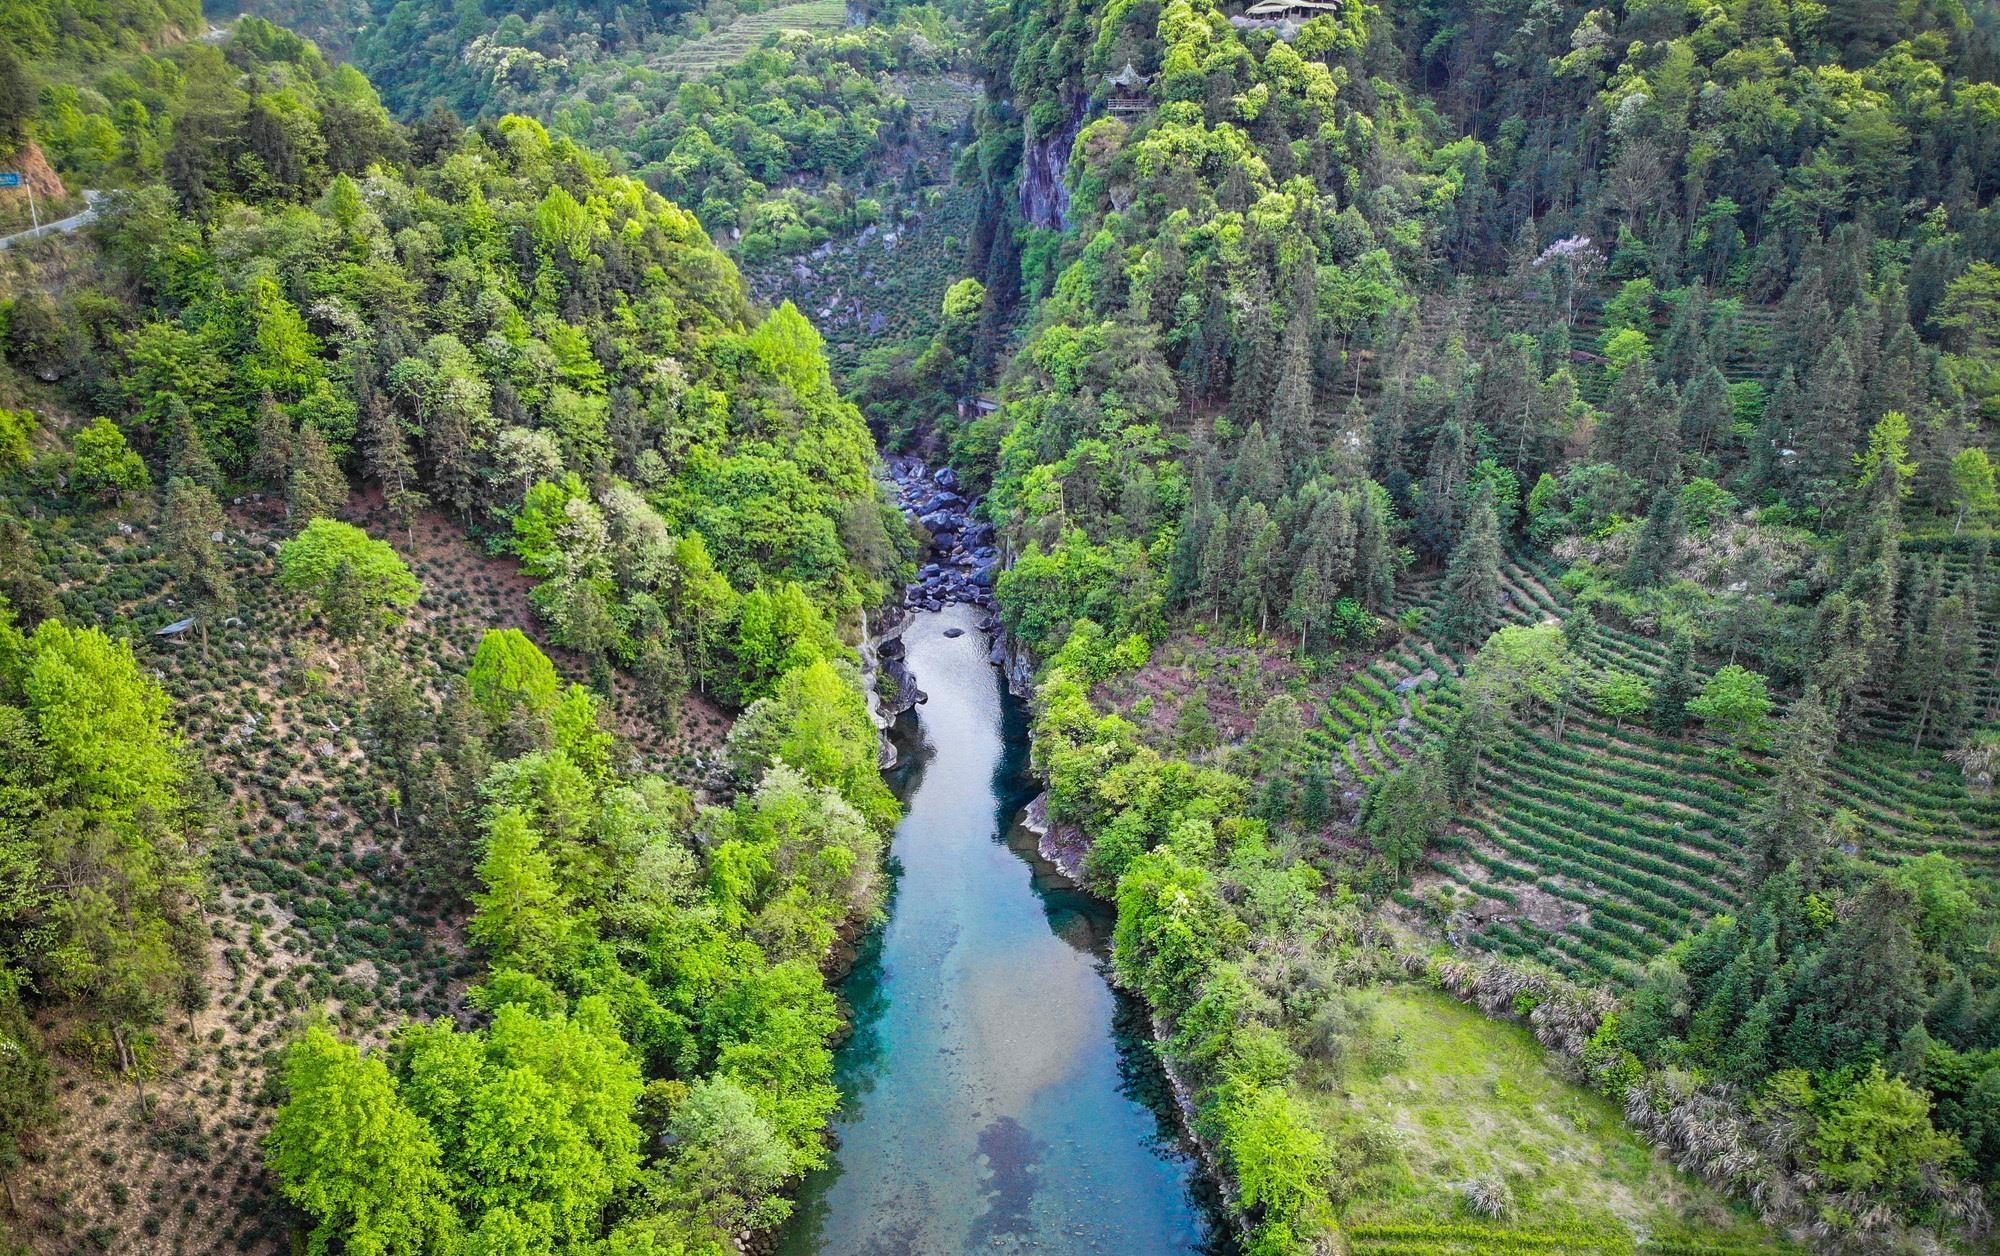 安徽最原始的山景、水景,甚少人知晓,被誉华东最后一片原始森林